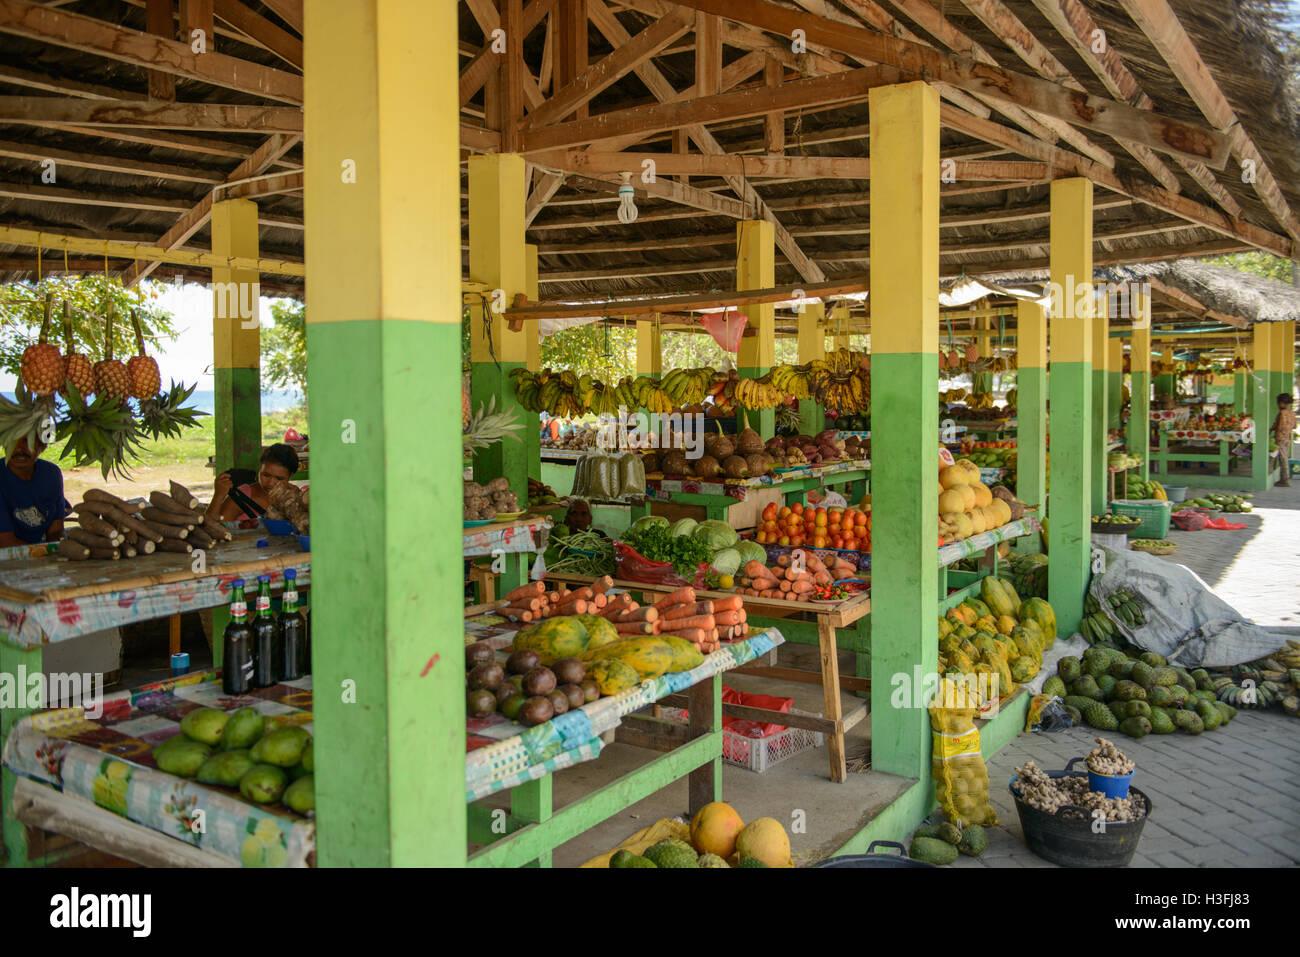 Marché de Fruits et légumes, Dili, Timor Leste Banque D'Images